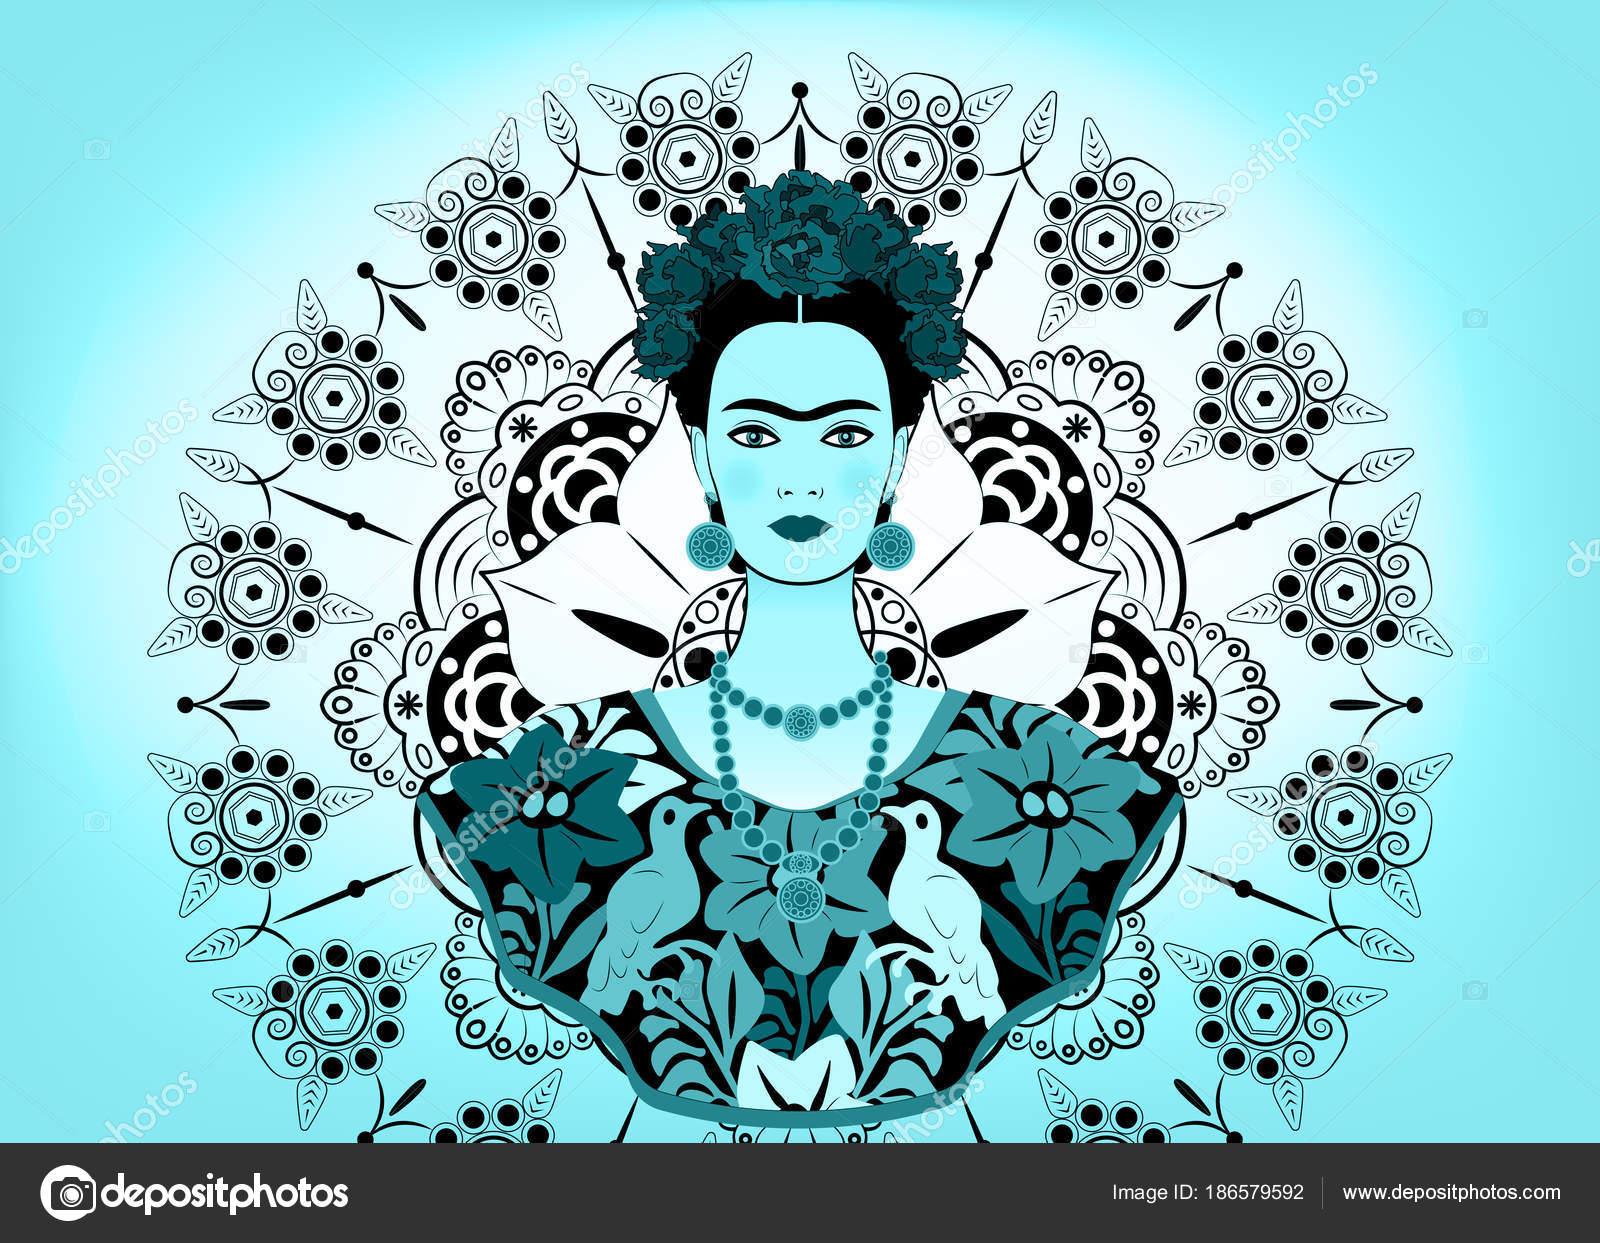 Imagenes De Frida Kahlom Para Colorear: Retrato De Vector De Frida Kahlo, Mujer Mexicana Hermosa